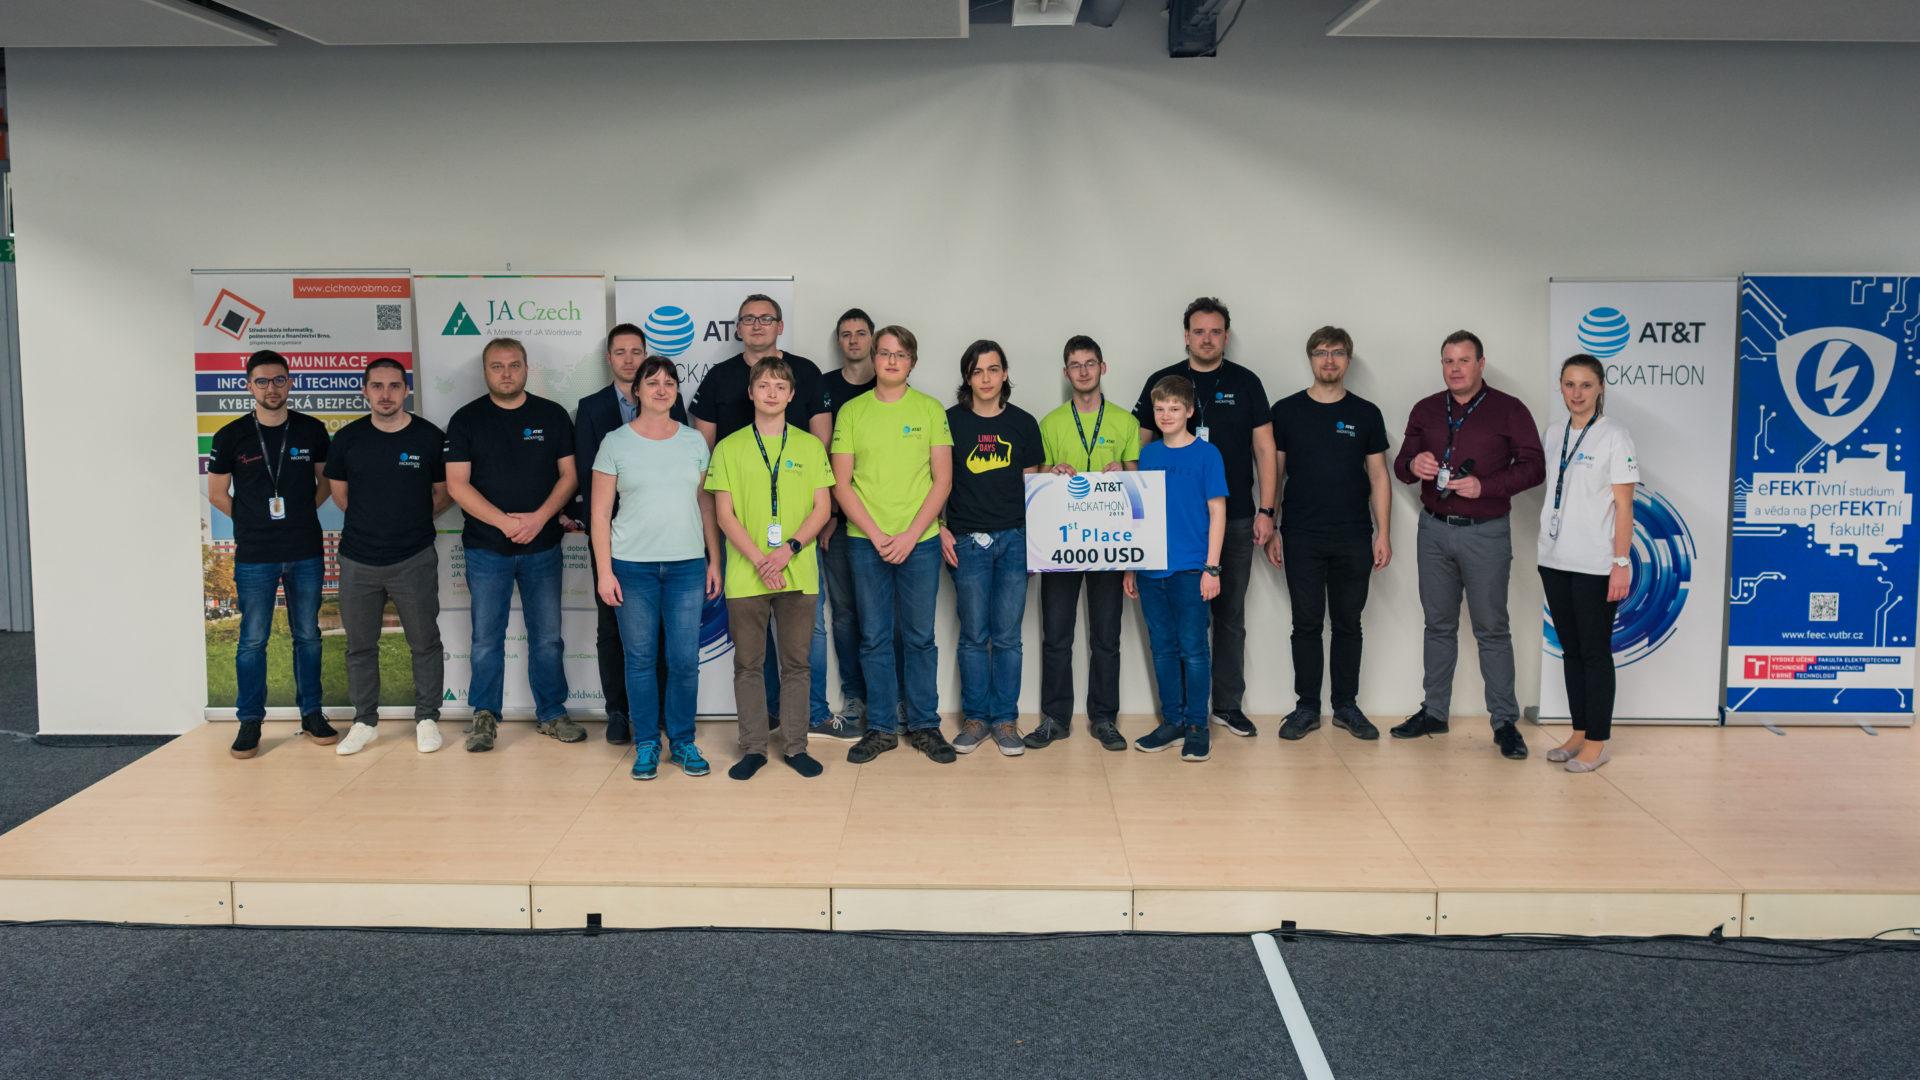 """AT&T Hackathon 2019, Brno Czech Republic, 1st place """"Pátek"""" team"""